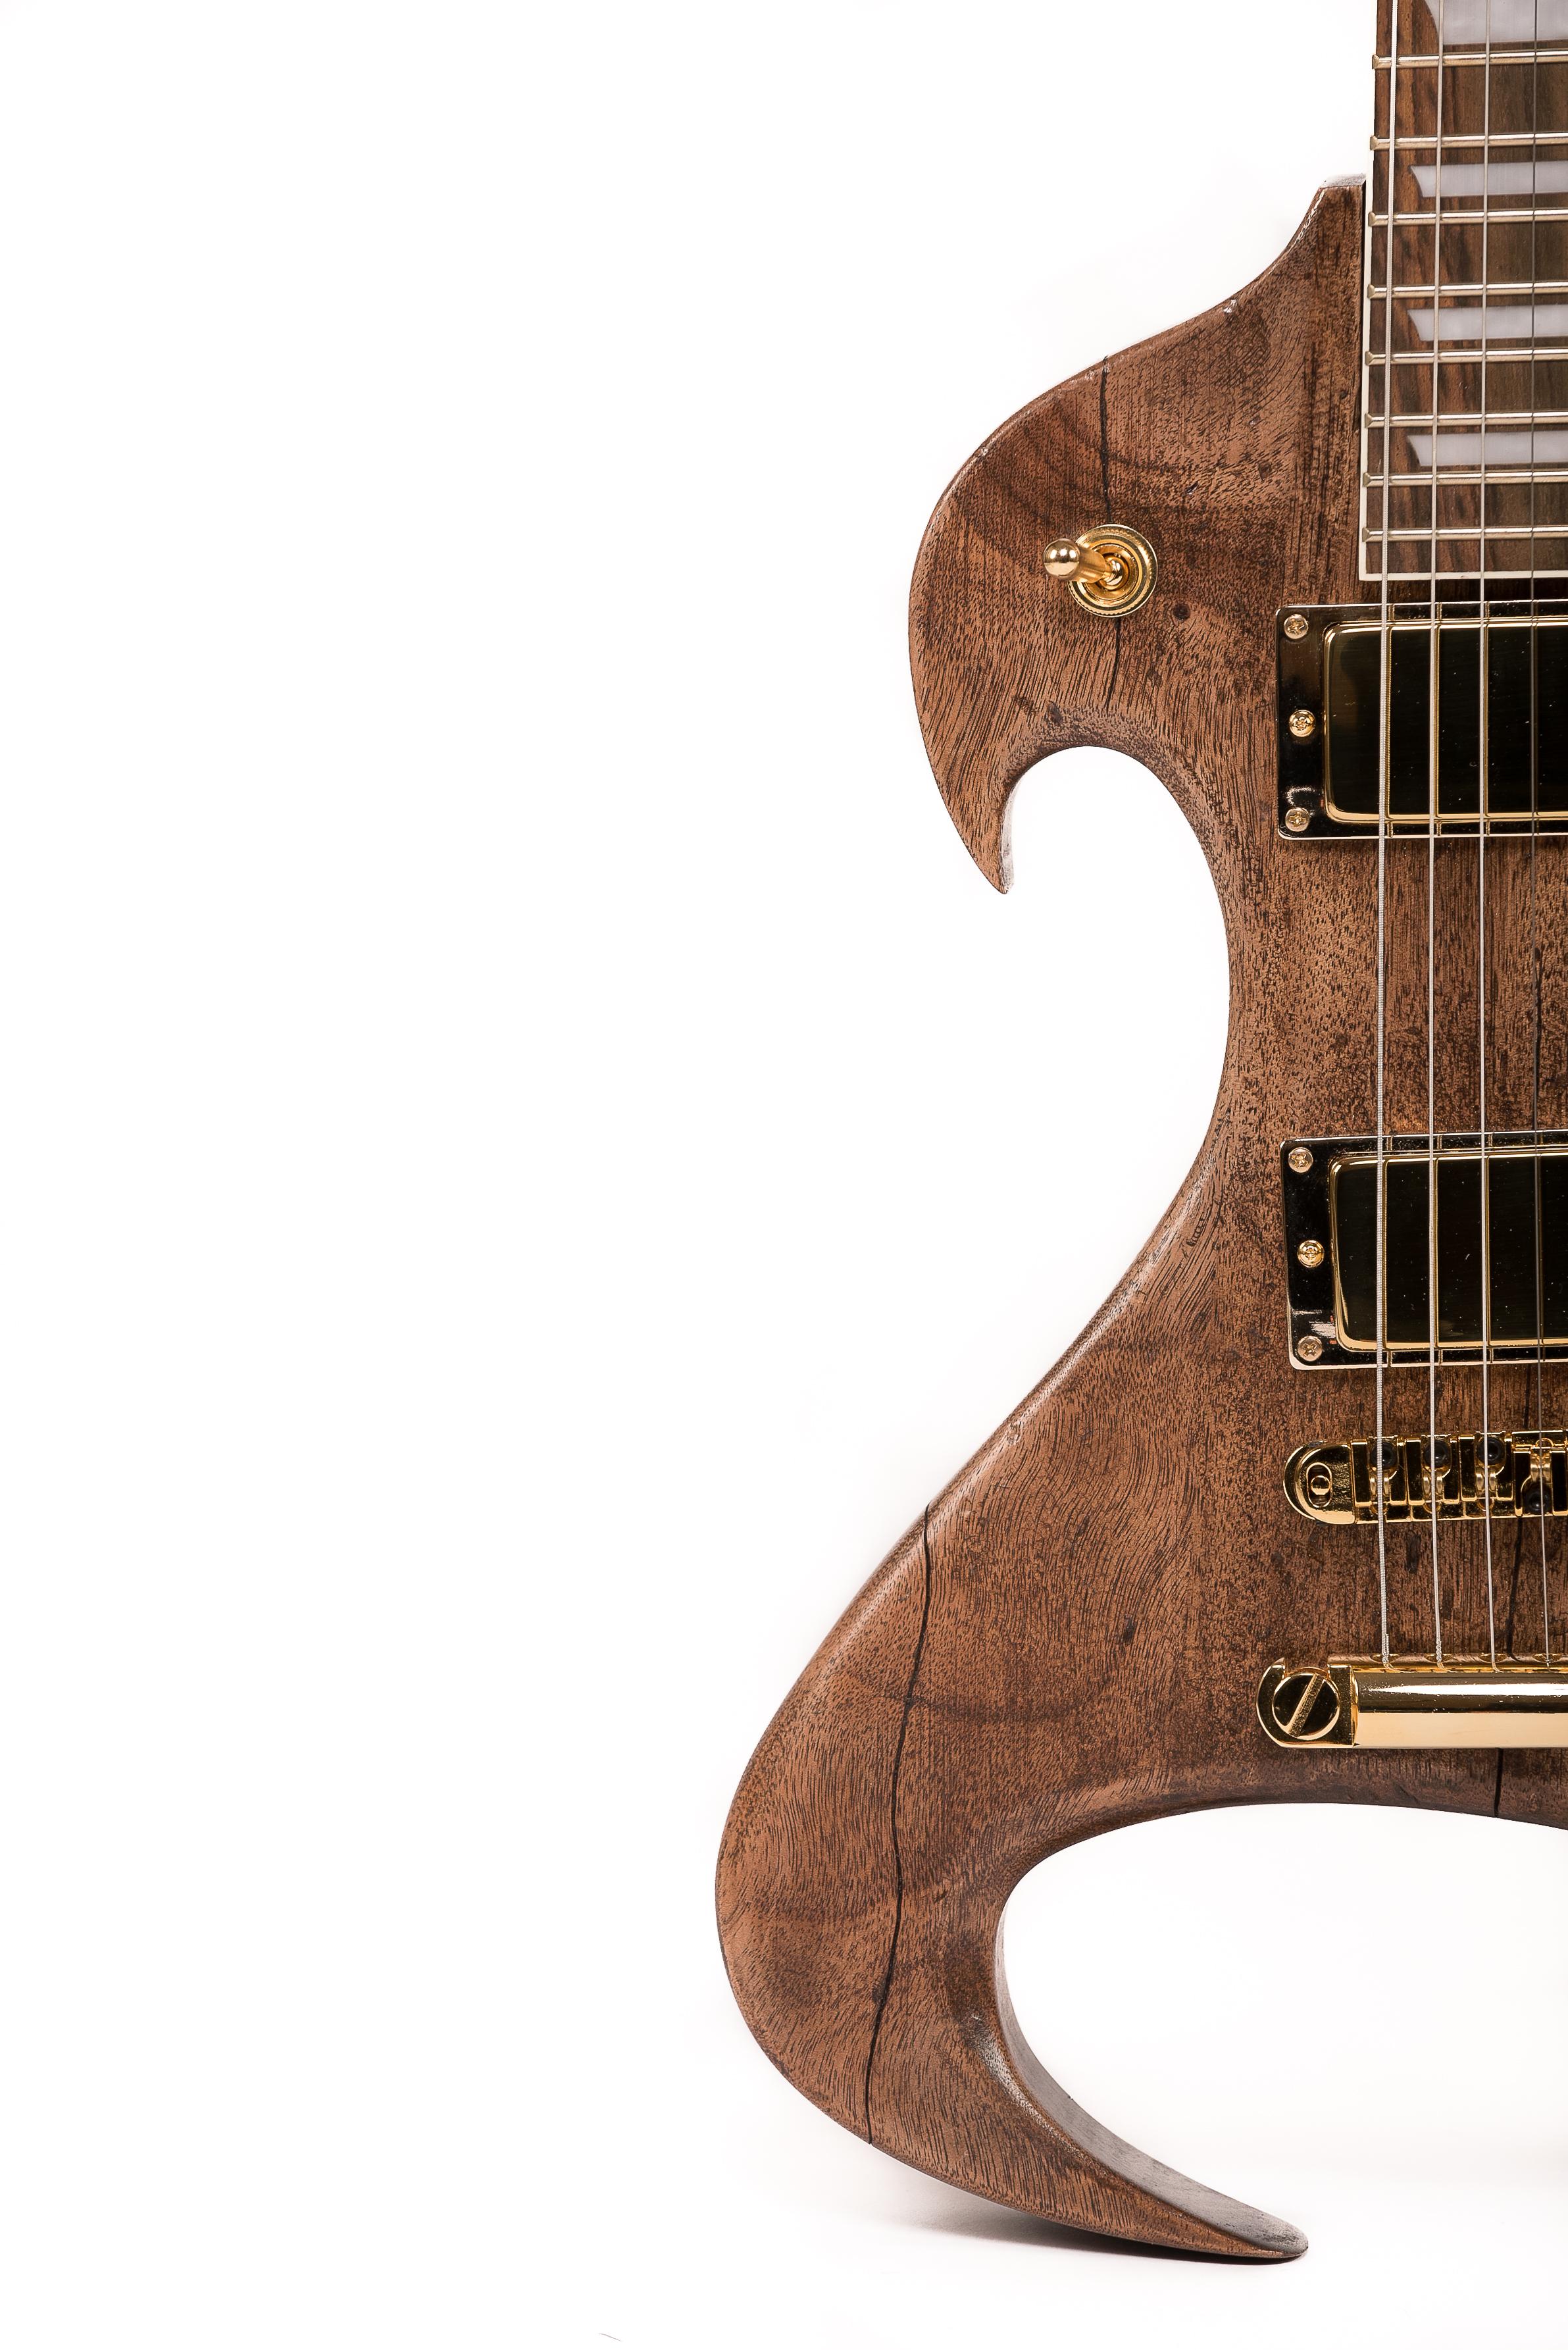 Blade Custom Hand Made Guitar